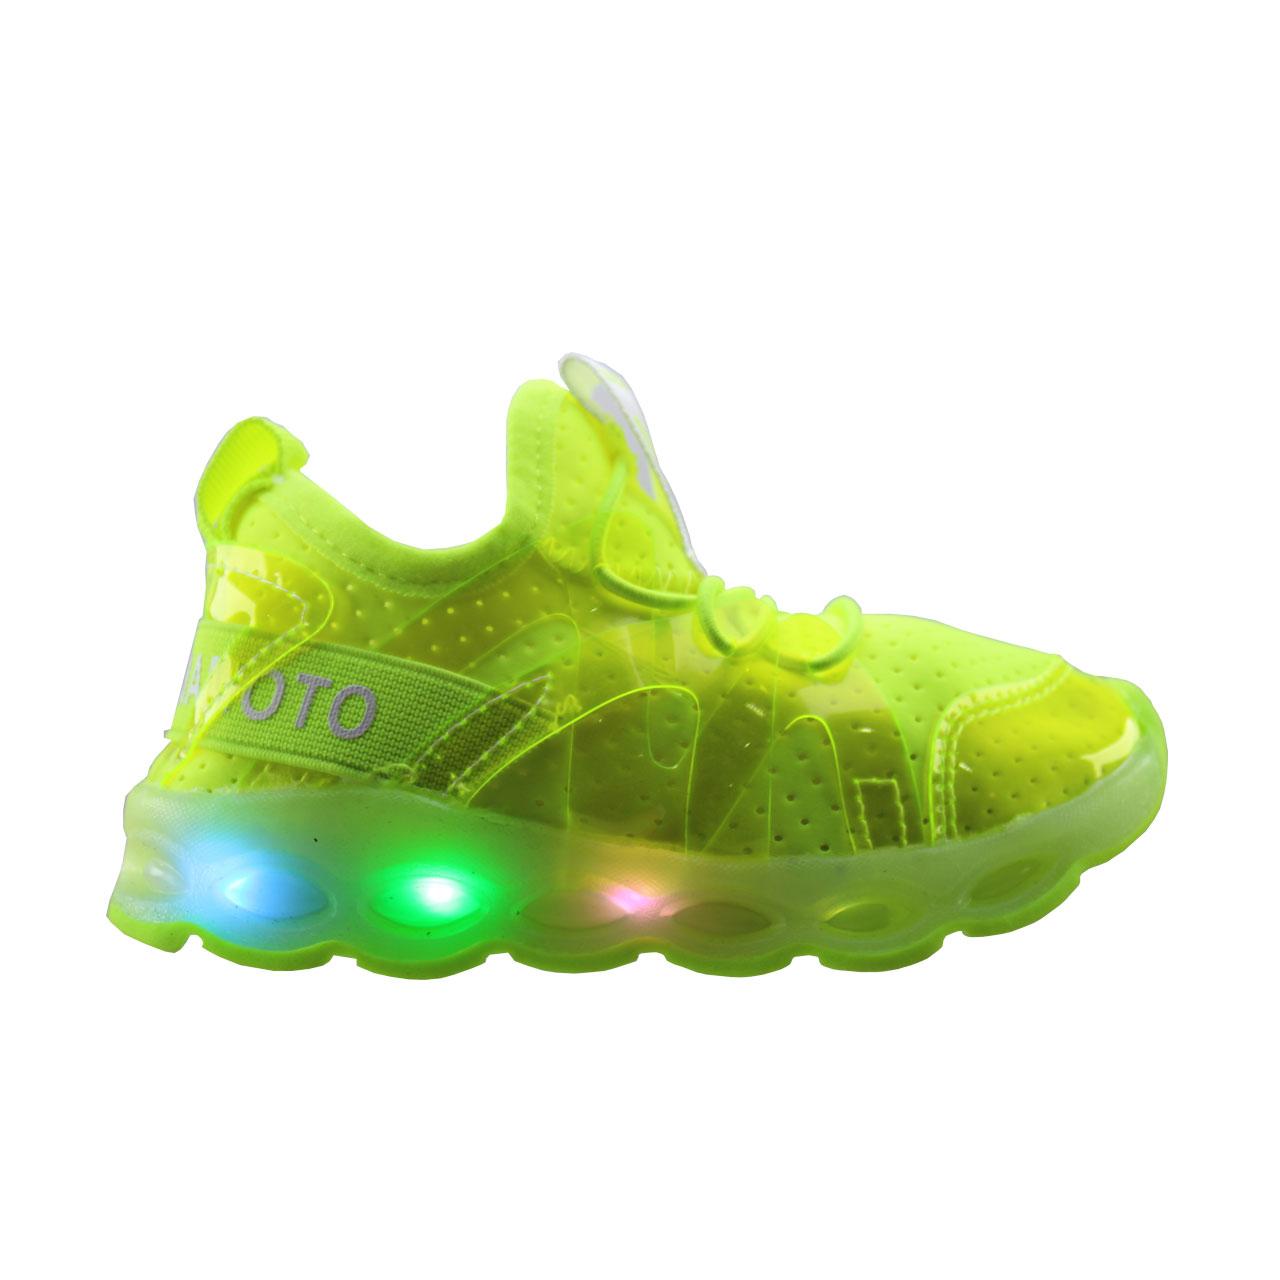 کفش چراغدار بچه گانه مدل fashion 3